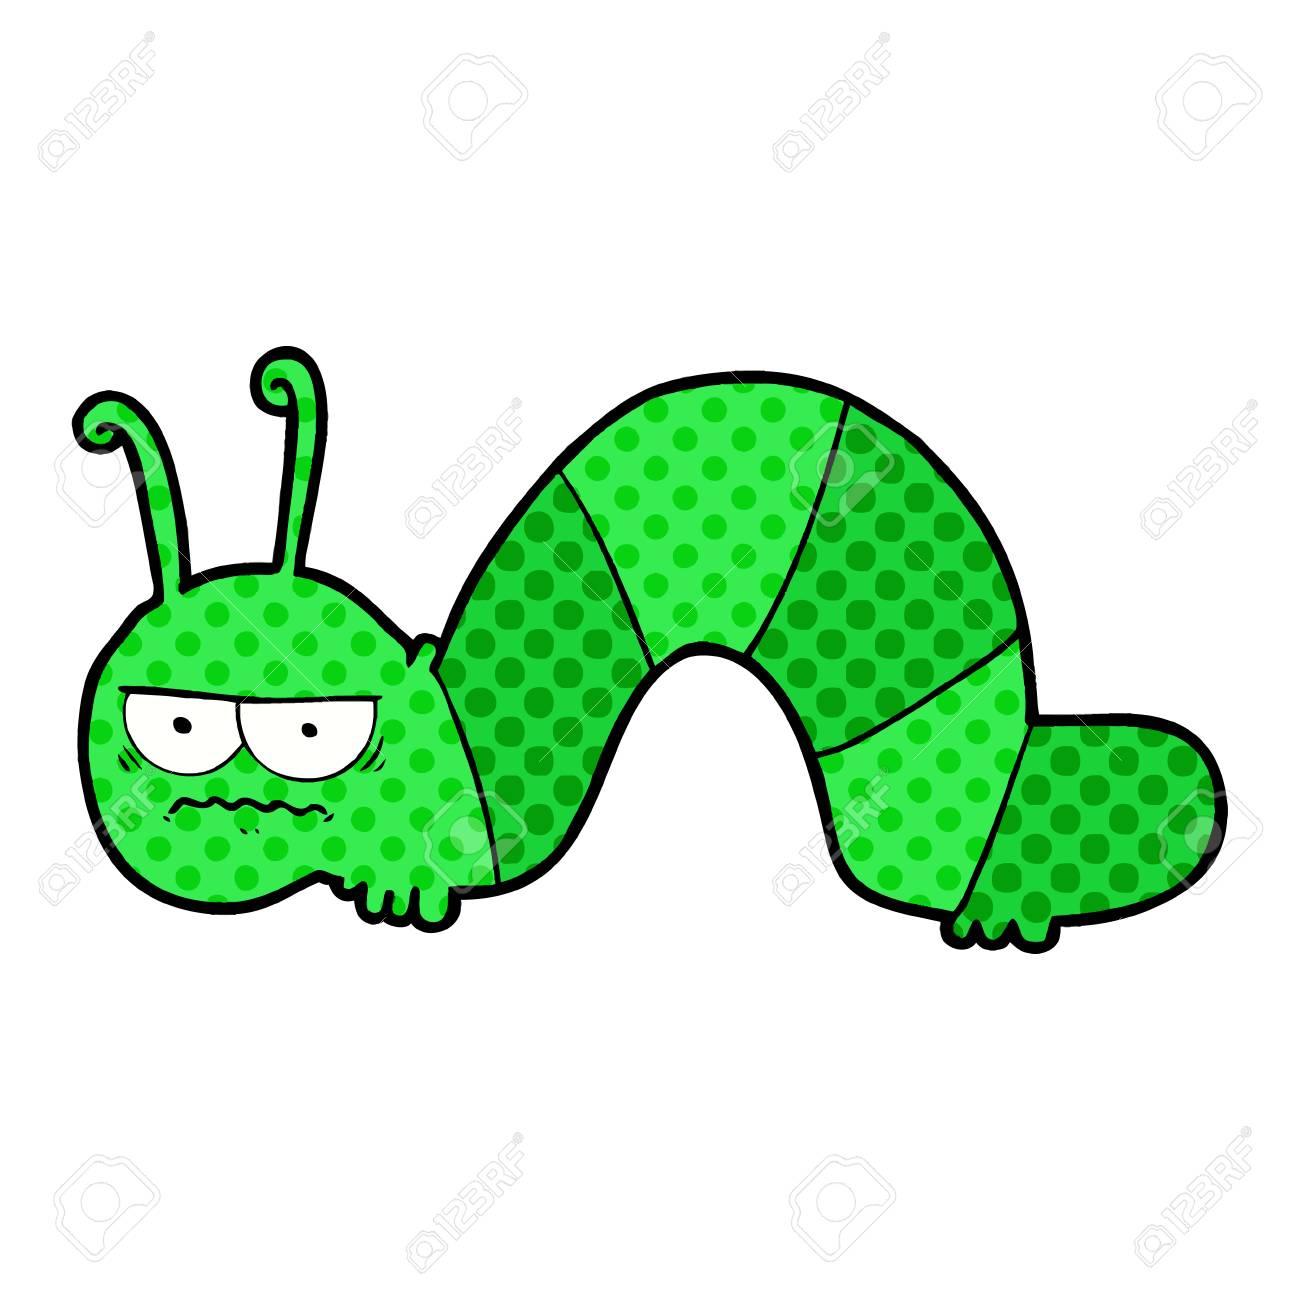 Cartoon Grumpy Caterpillar Illustration On White Background